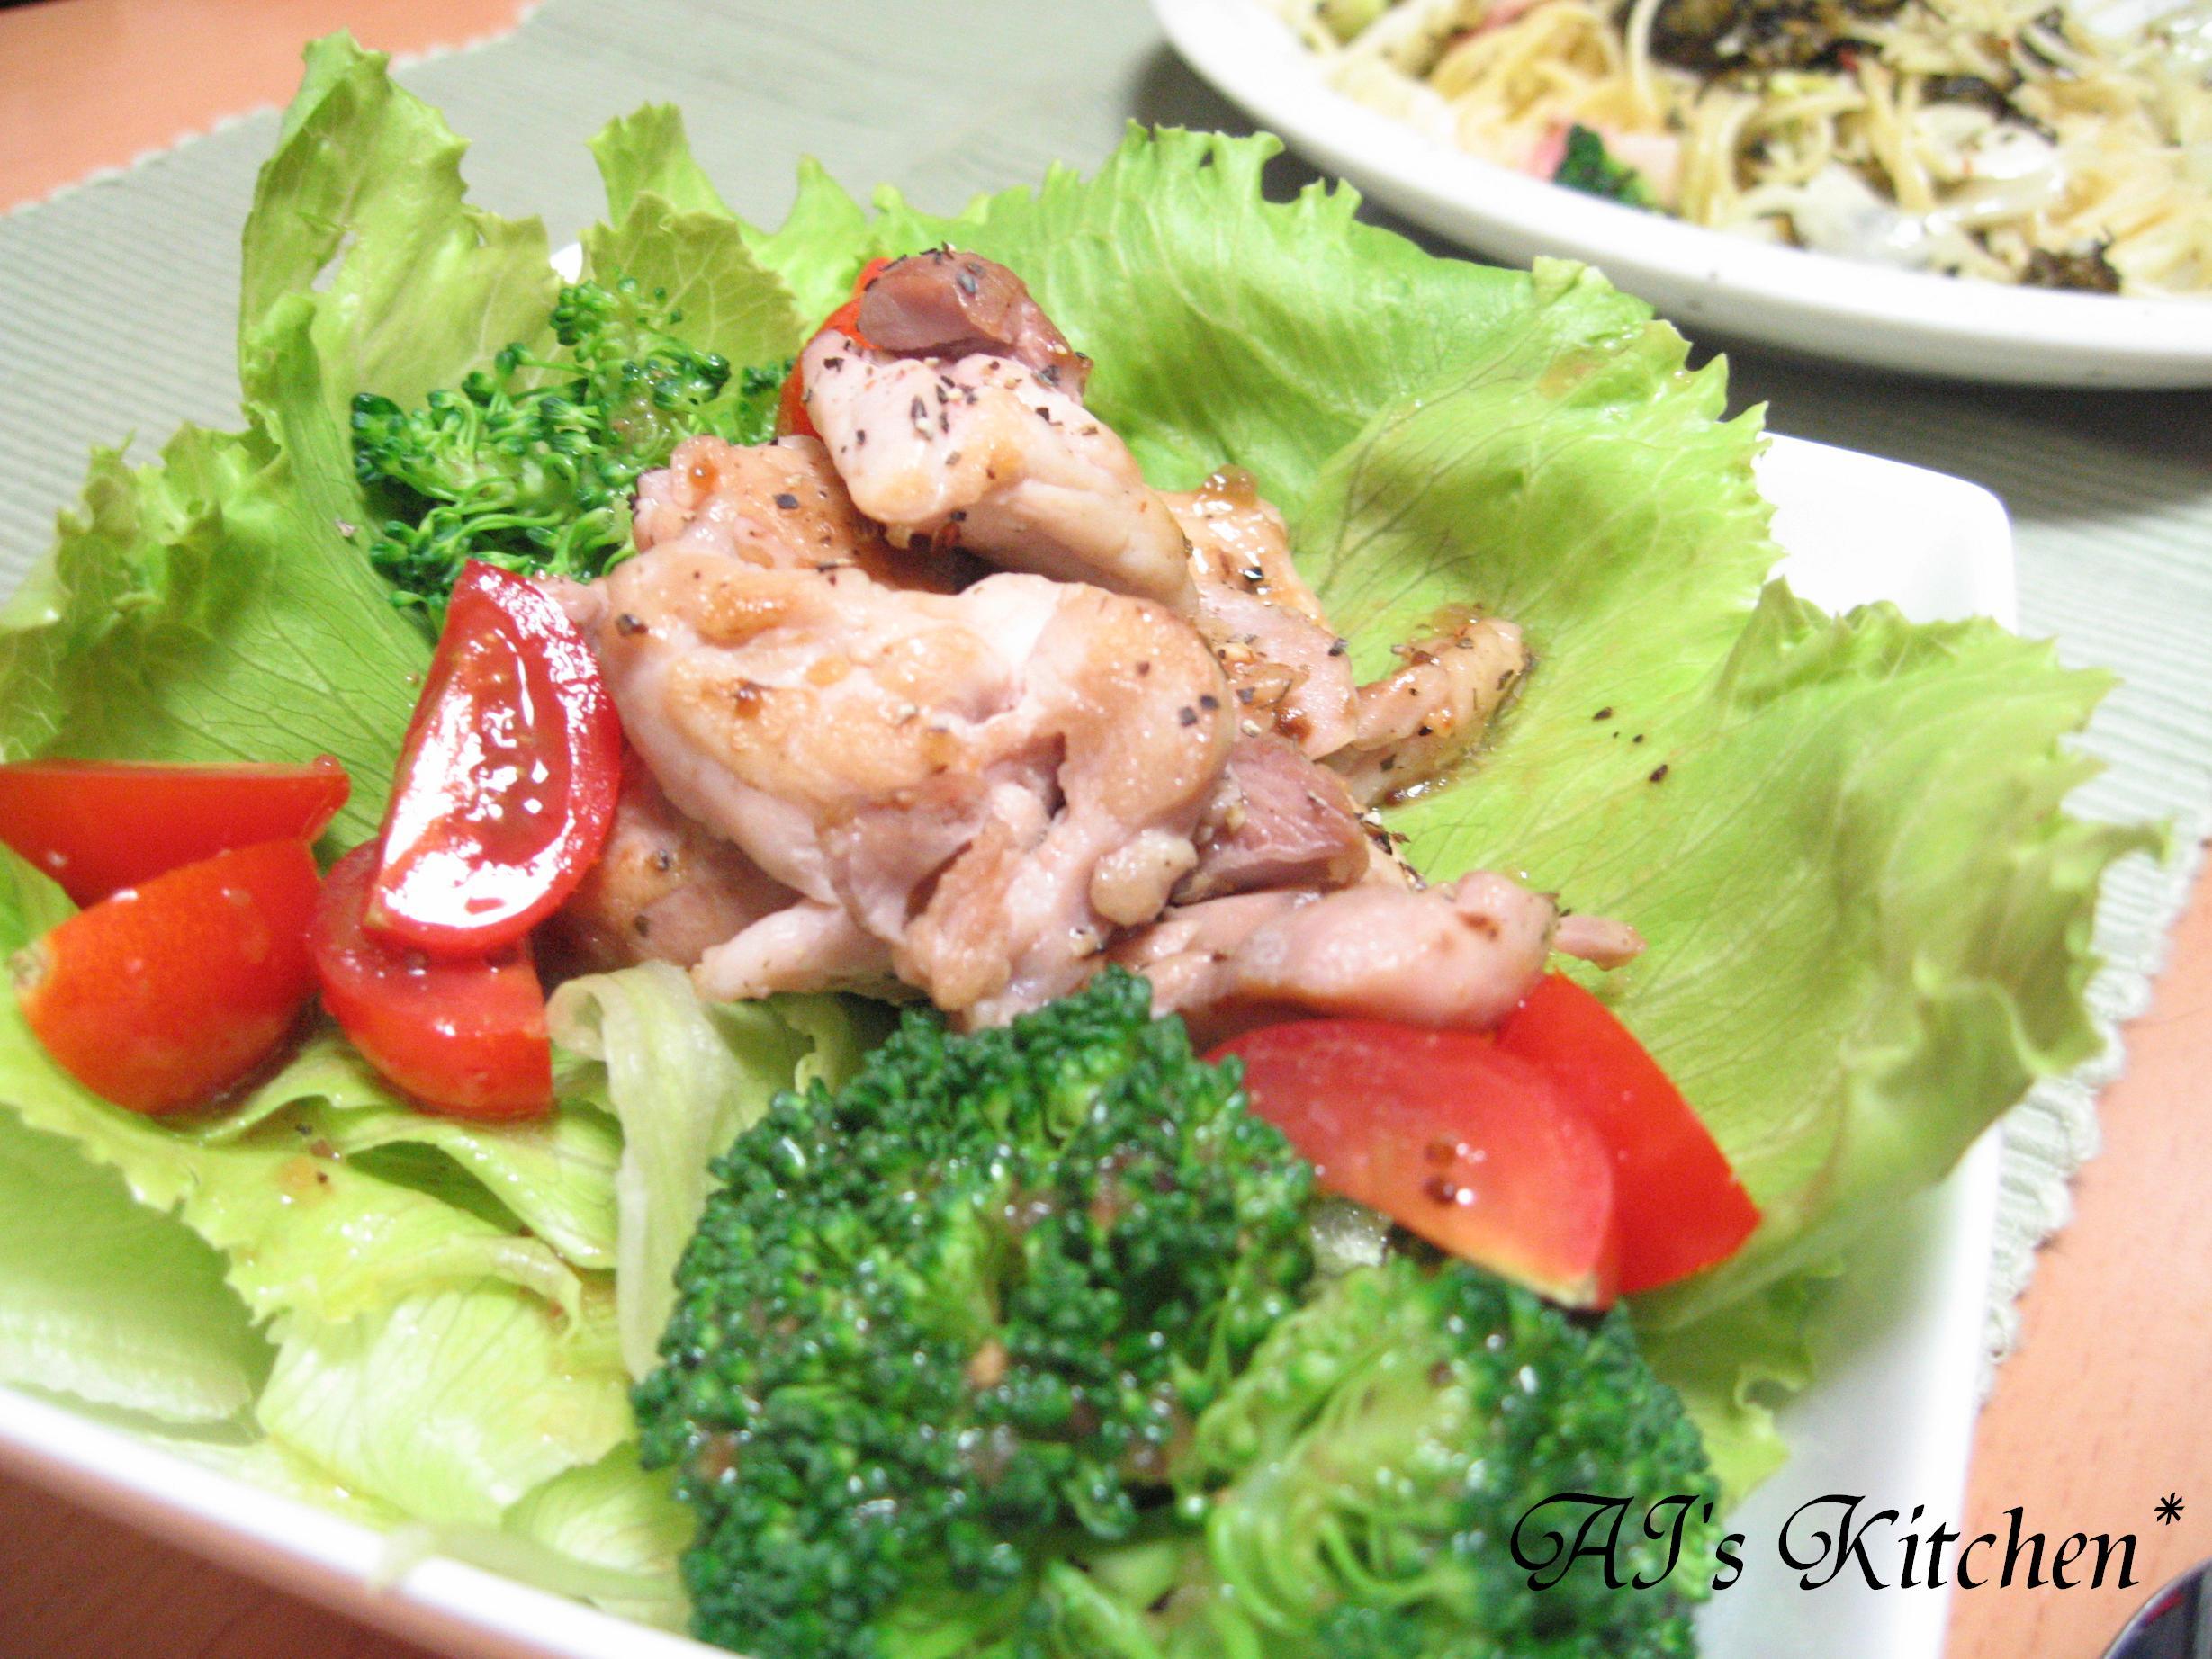 ハーブチキンのせサラダ 春雨炒めをのせたサラダです。 レタスに包んで食べるといい感じでした( ´